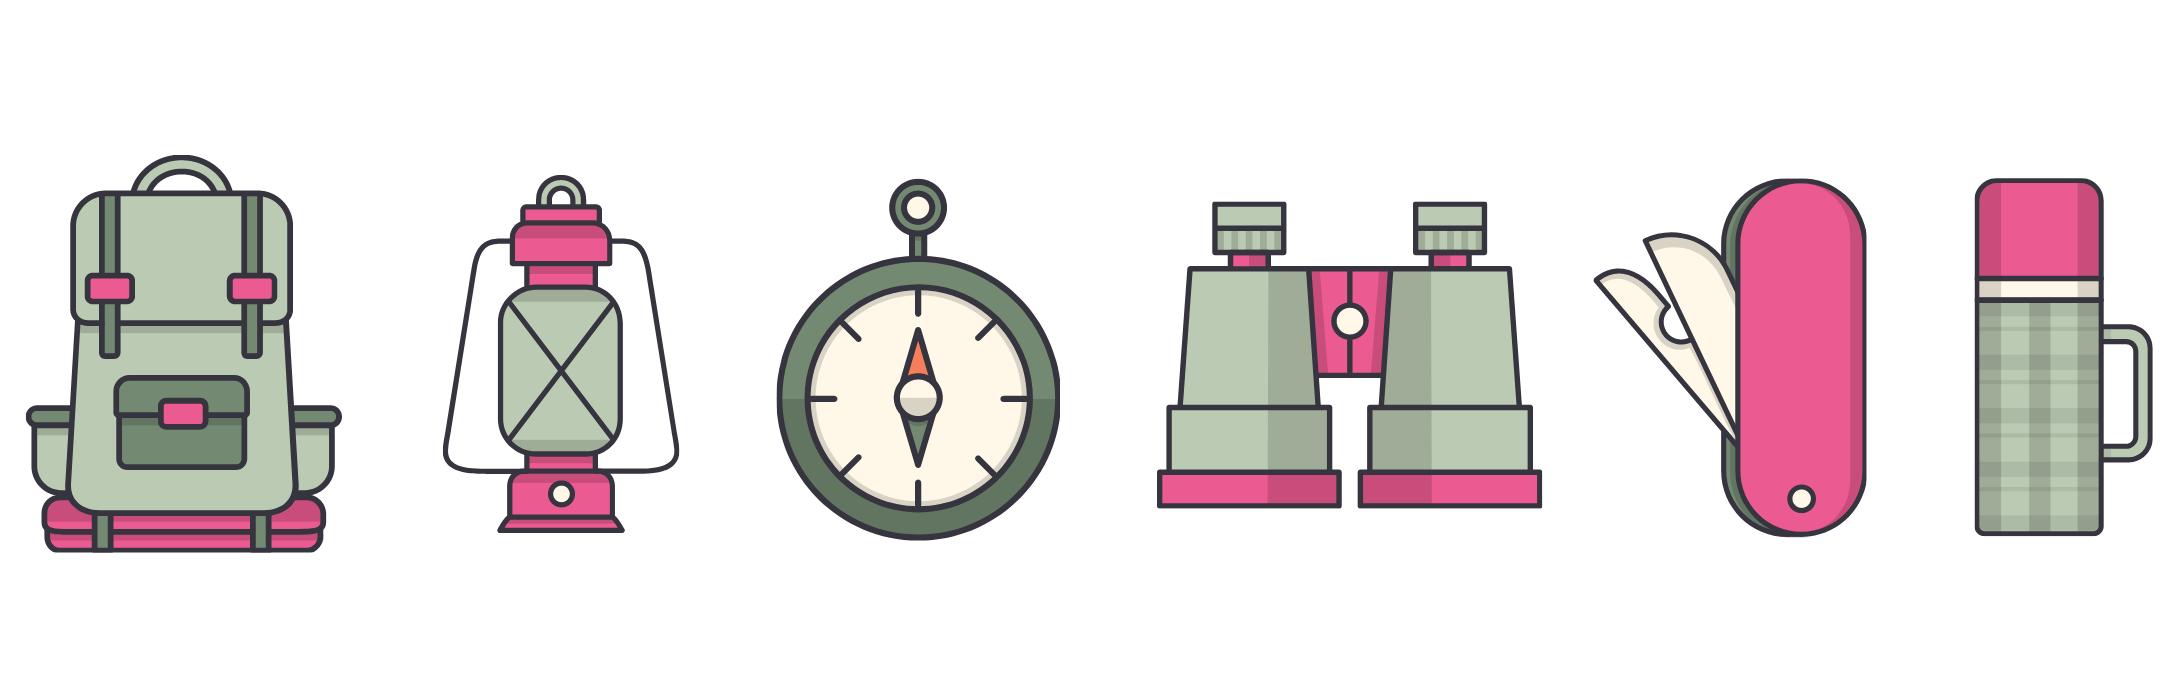 """Sechs Symbole zur Darstellung des Themas """"Expedition"""". Darunter ein Rucksack, eine Gaslampe, ein Kompass, ein Fernglas, ein Taschenmesser und eine Thermoskanne."""